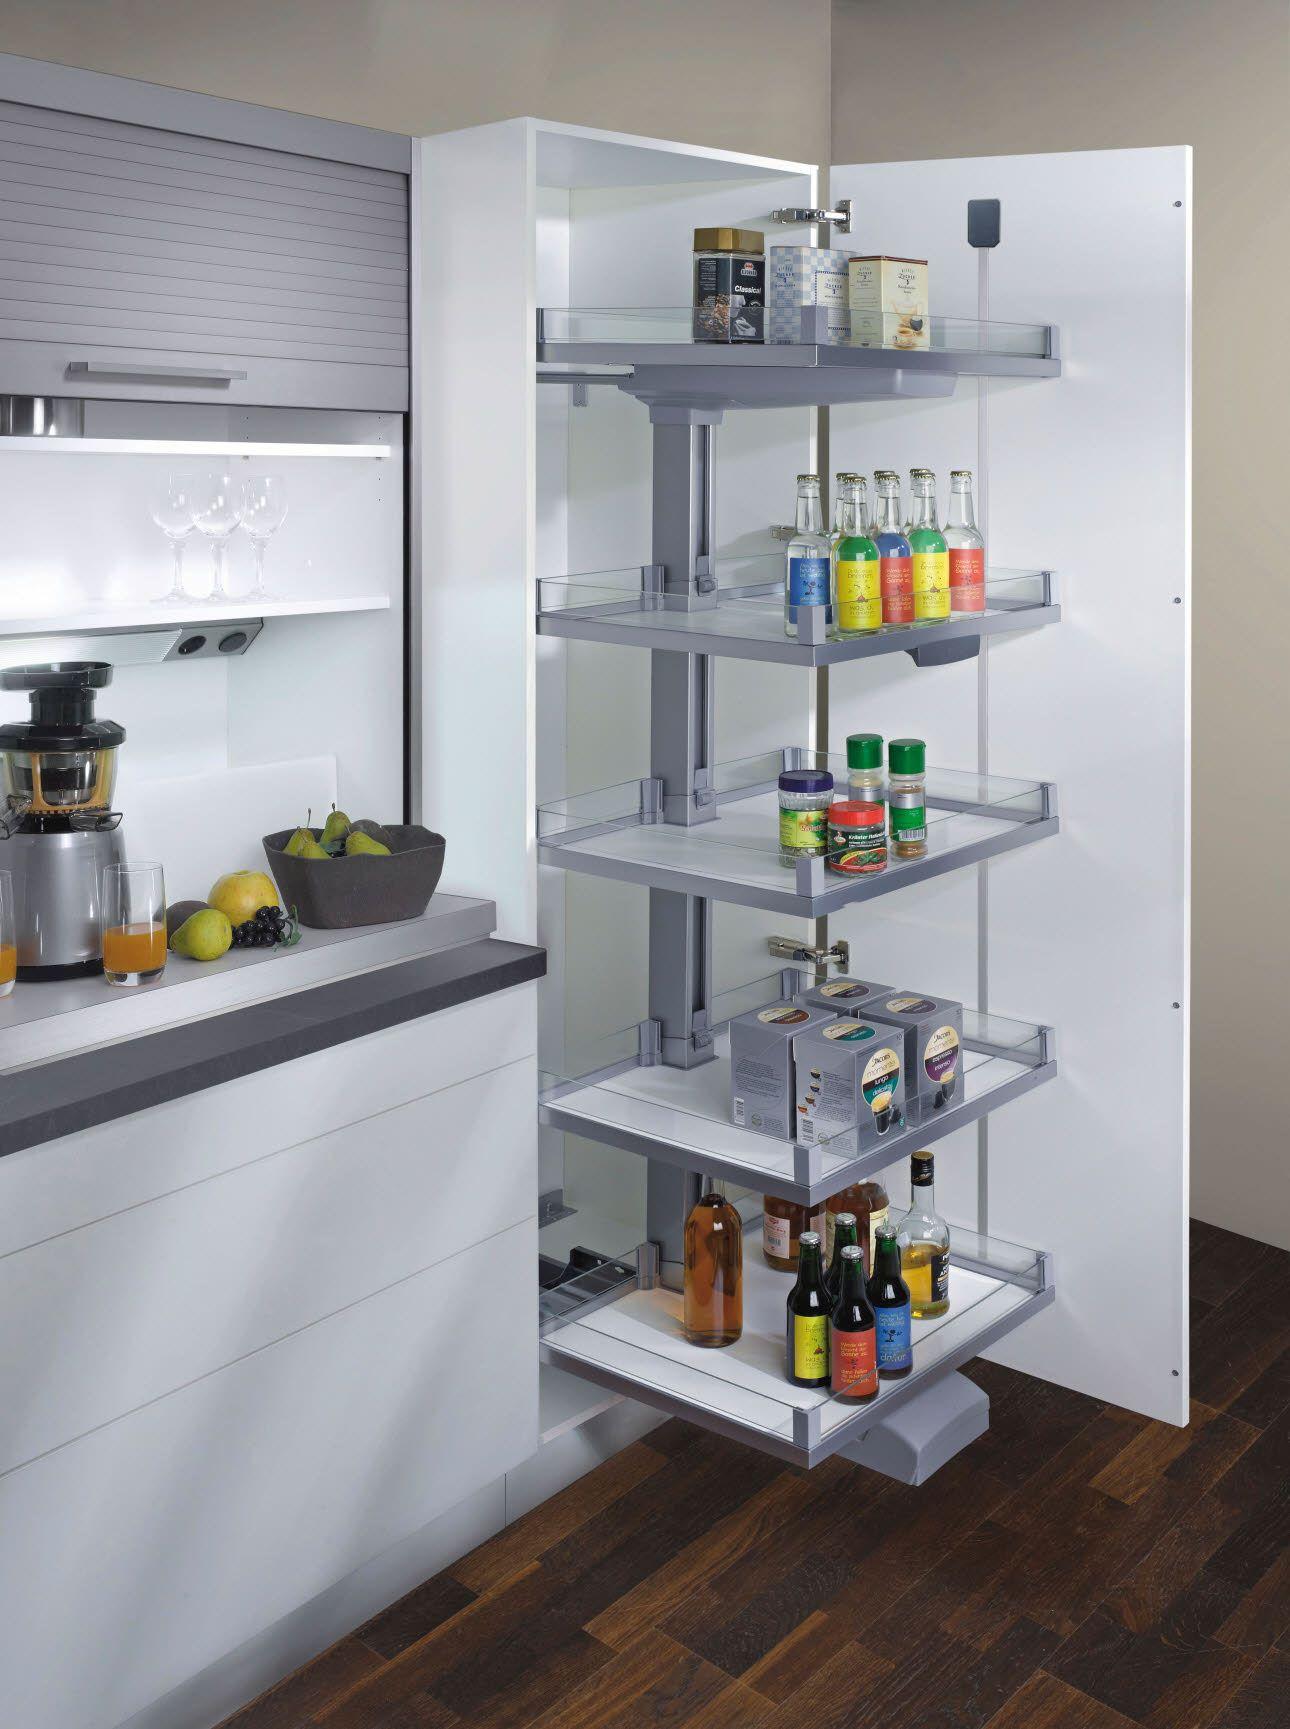 küchen vorratsschrank - Google-Suche  Minimalist kitchen design